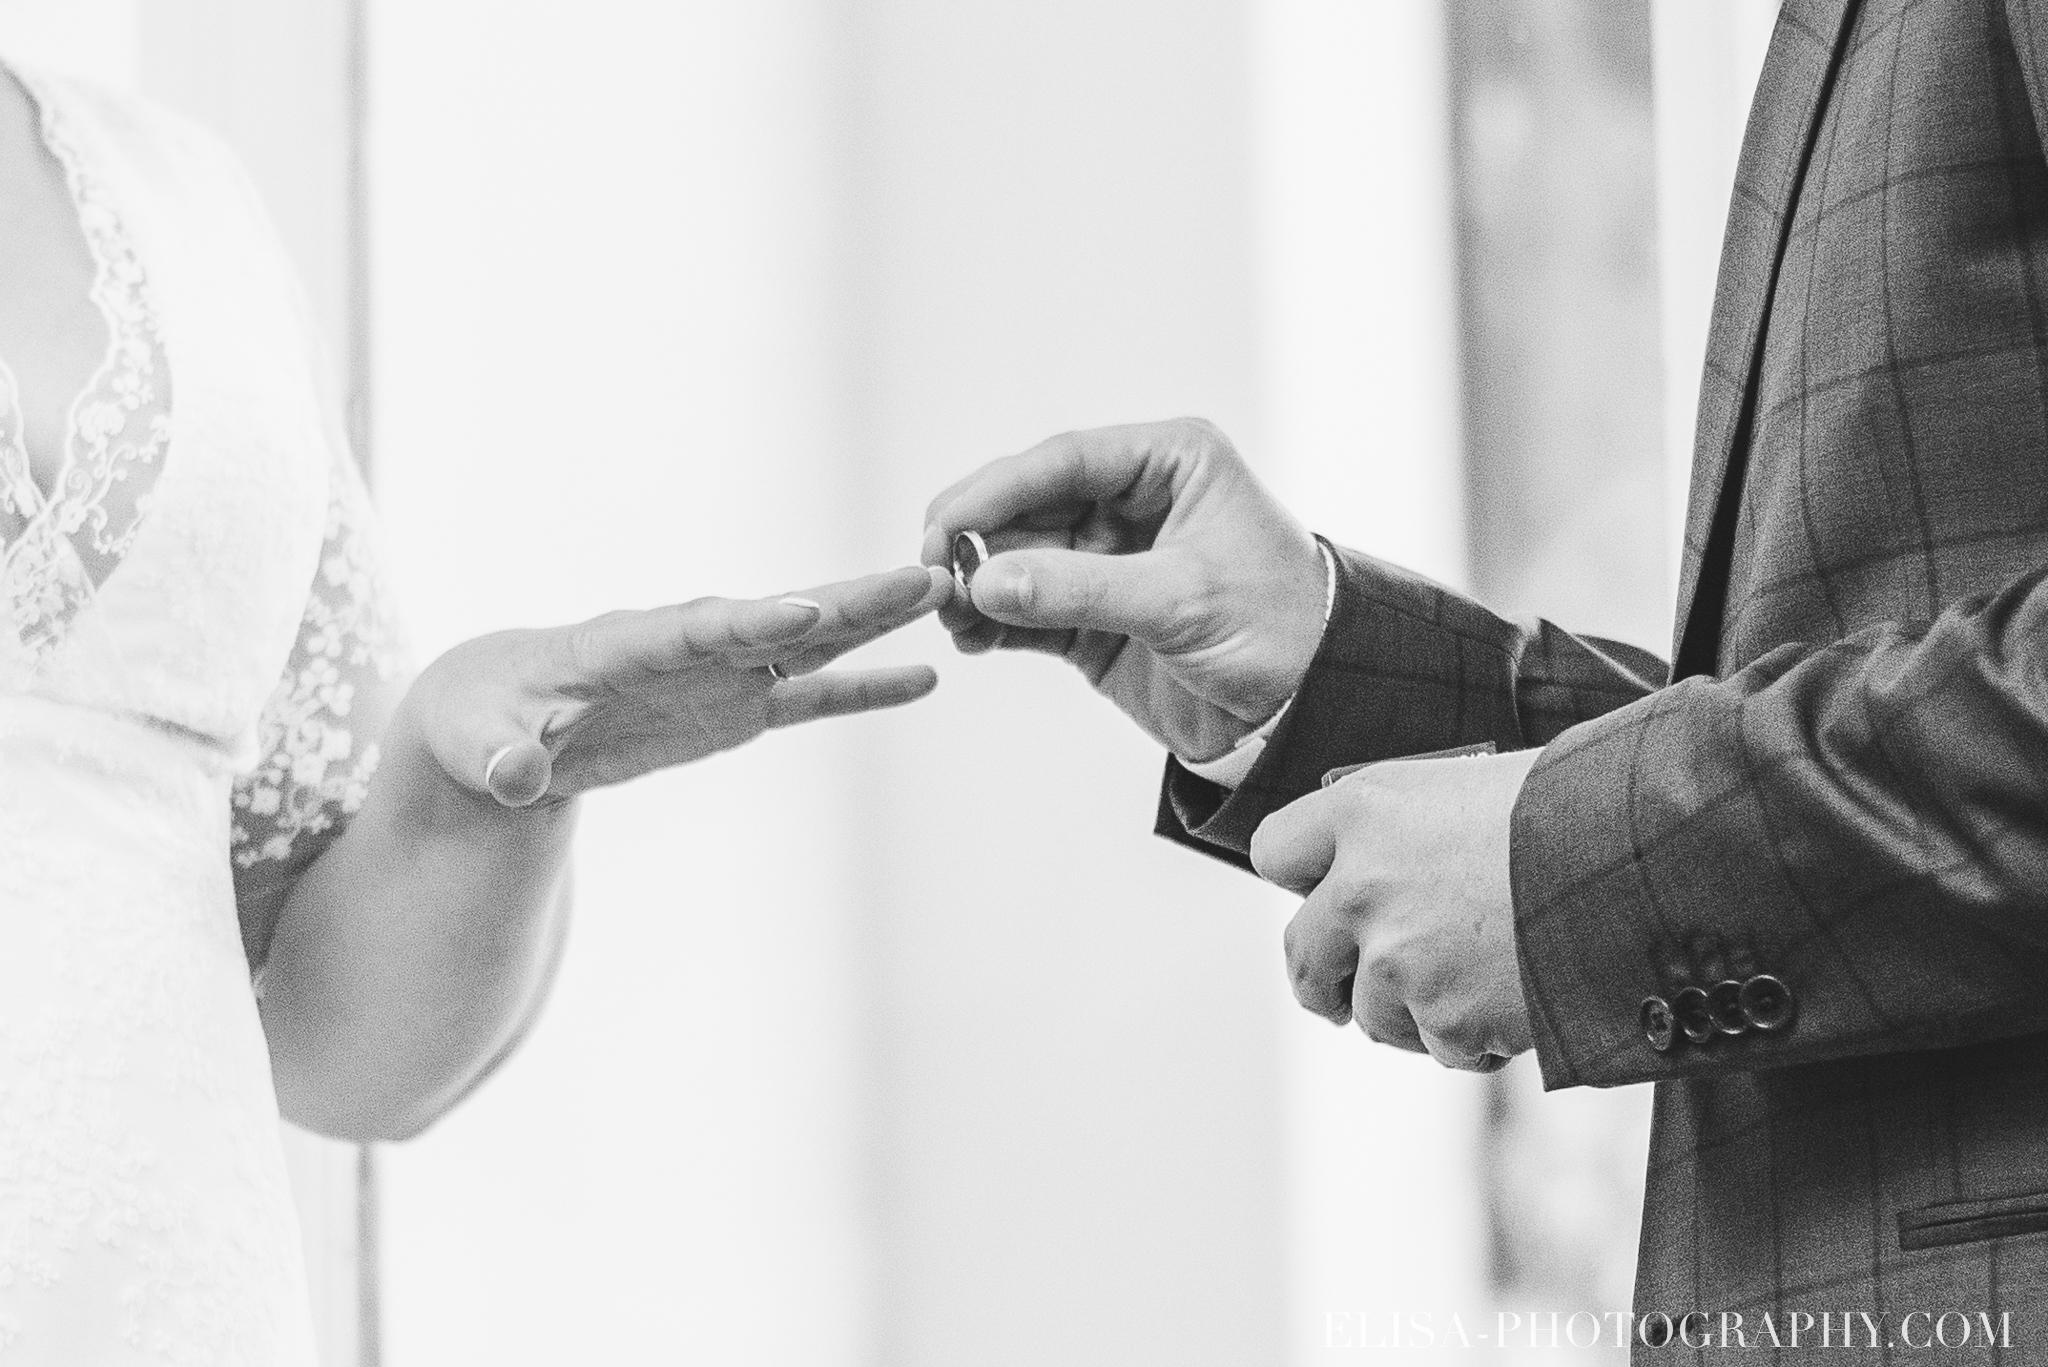 photo mariage domaine cataraqui wedding echange bagues voeux salle ceremonie 2338 - Mariage d'inspiration anglaise au domaine Cataraqui